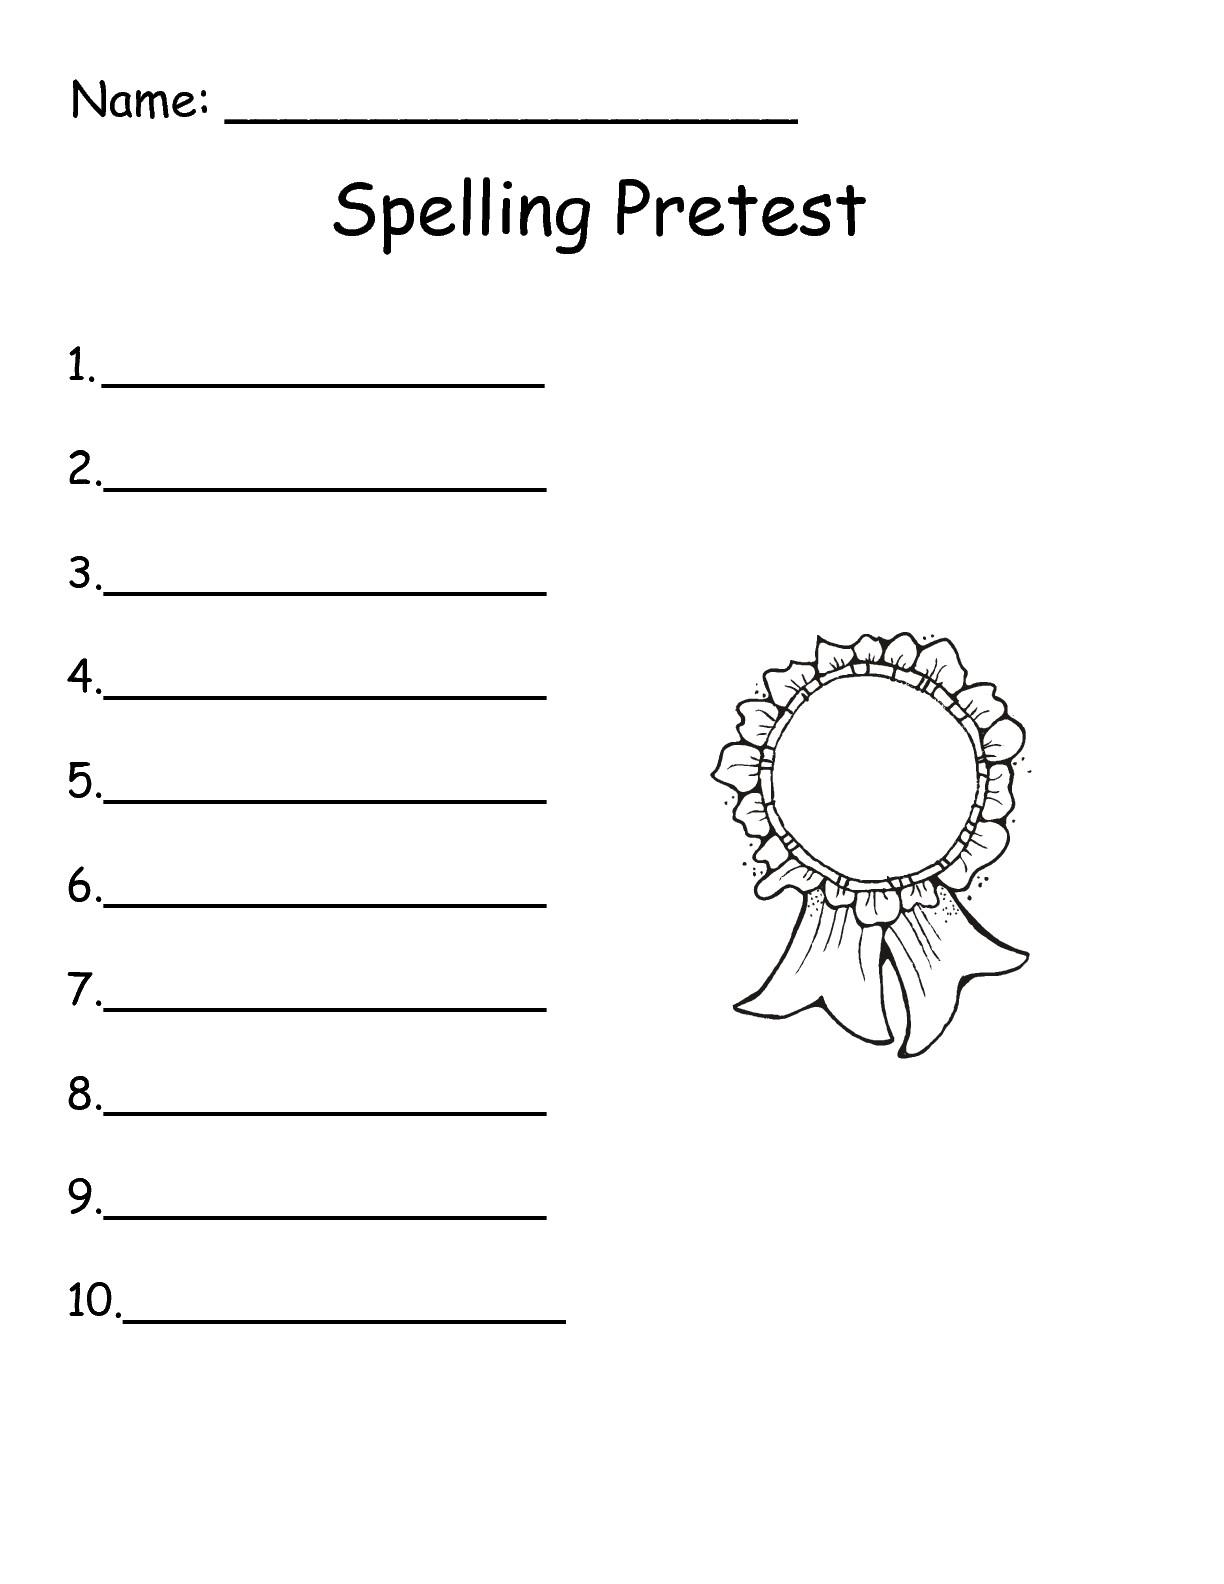 16 Best Images of 1st Grade Spelling List Worksheets